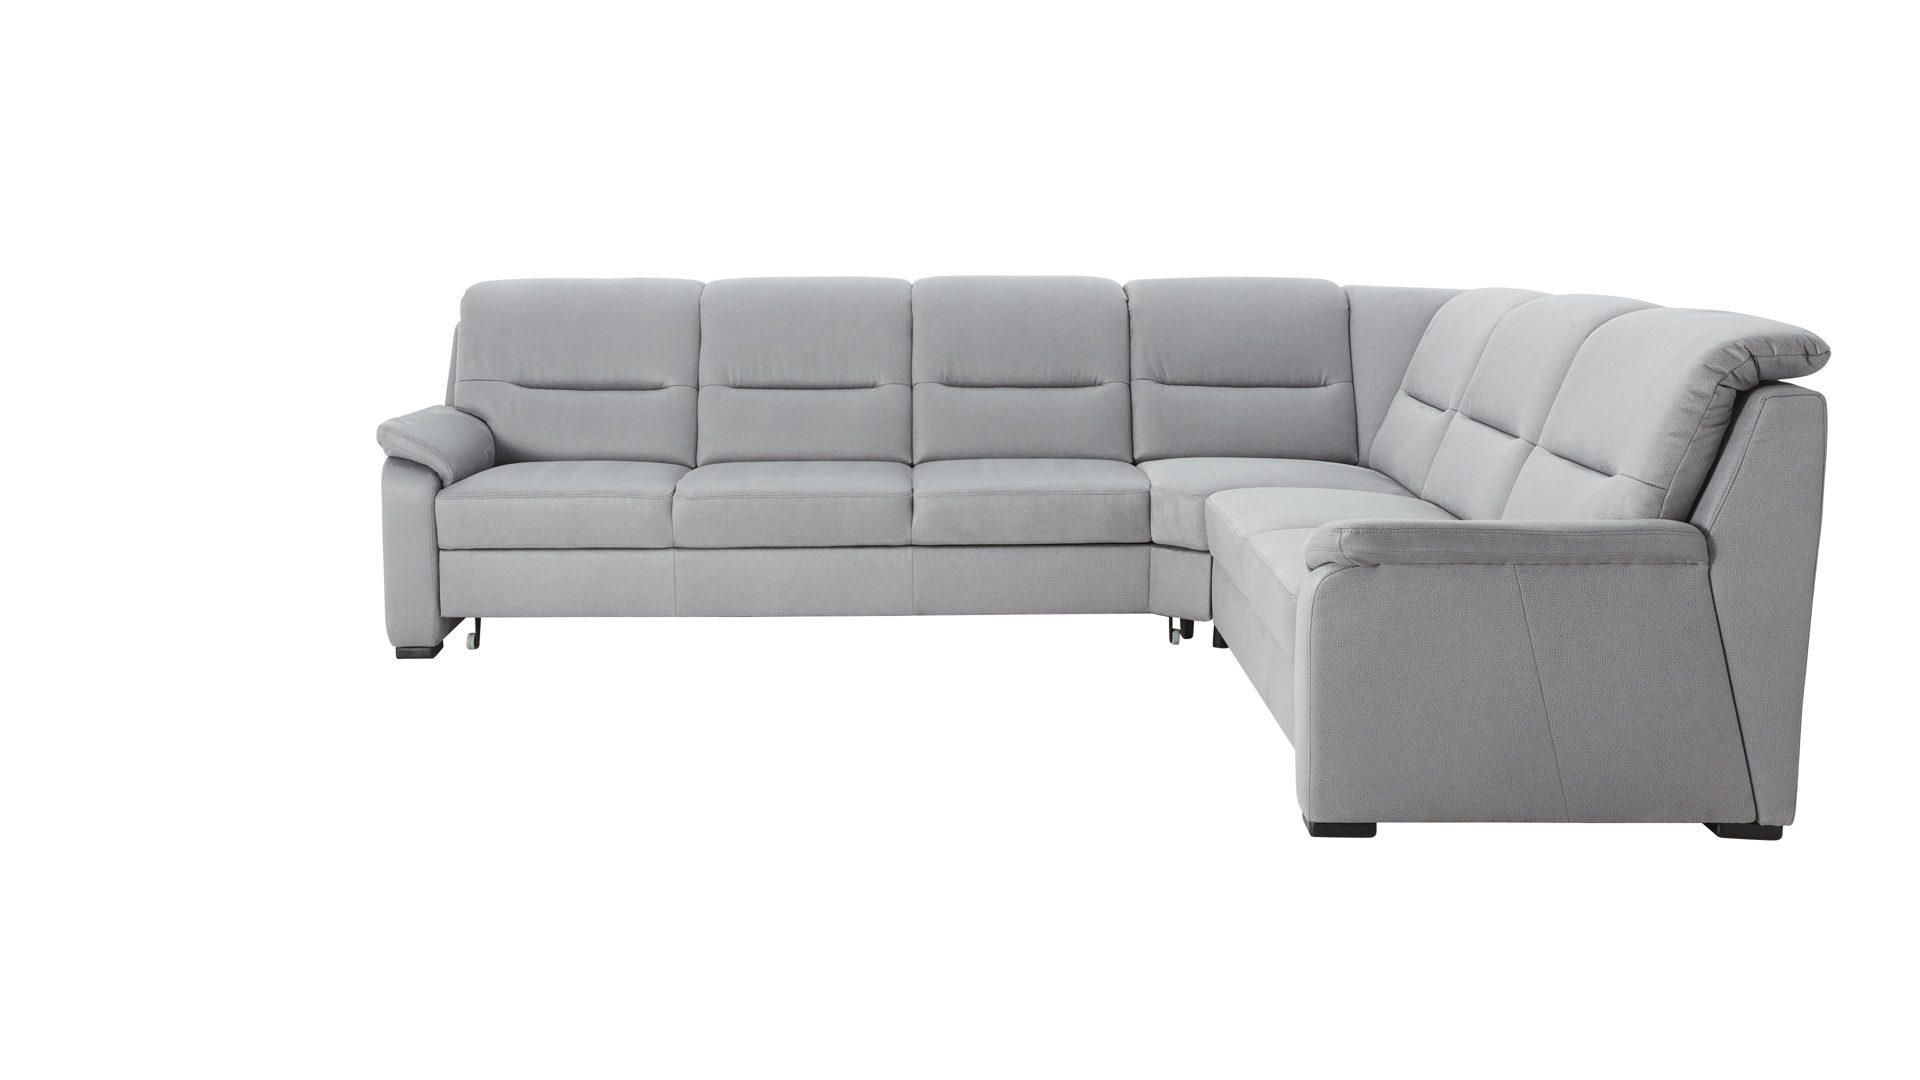 Möbel Hermes Markenshops Couches Sofas Modulmaster